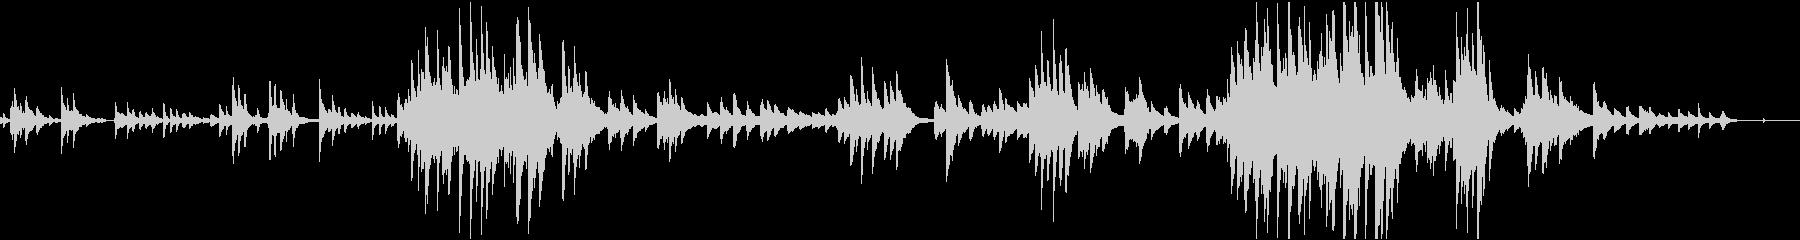 サラサラ ジャズ 現代的 交響曲 ...の未再生の波形